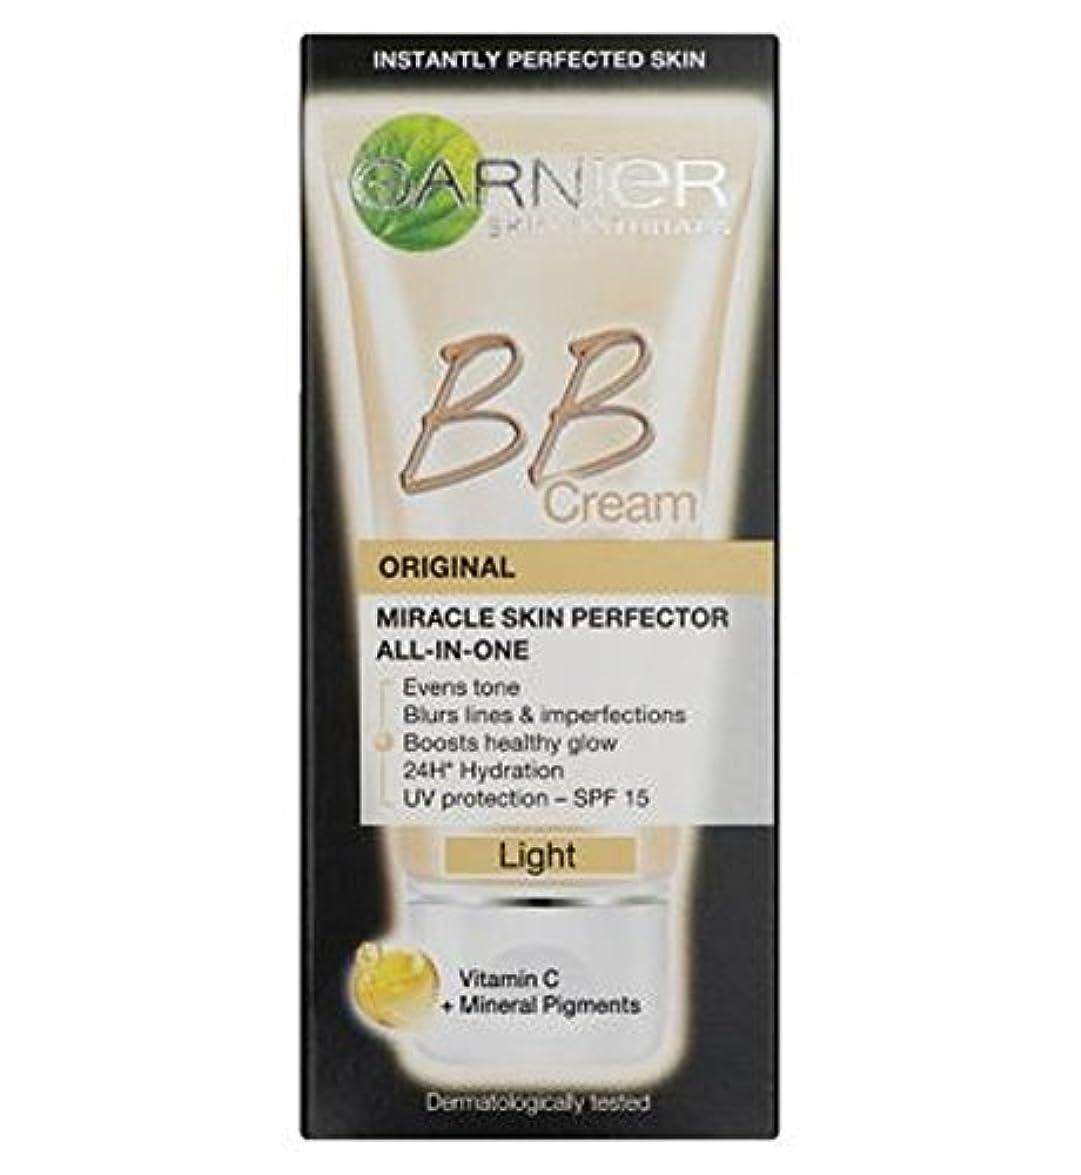 撤回する干し草タオル毎日オールインワンB.B.ガルニエスキンパーフェク傷バームクリームライト50ミリリットル (Garnier) (x2) - Garnier Skin Perfector Daily All-In-One B.B. Blemish...